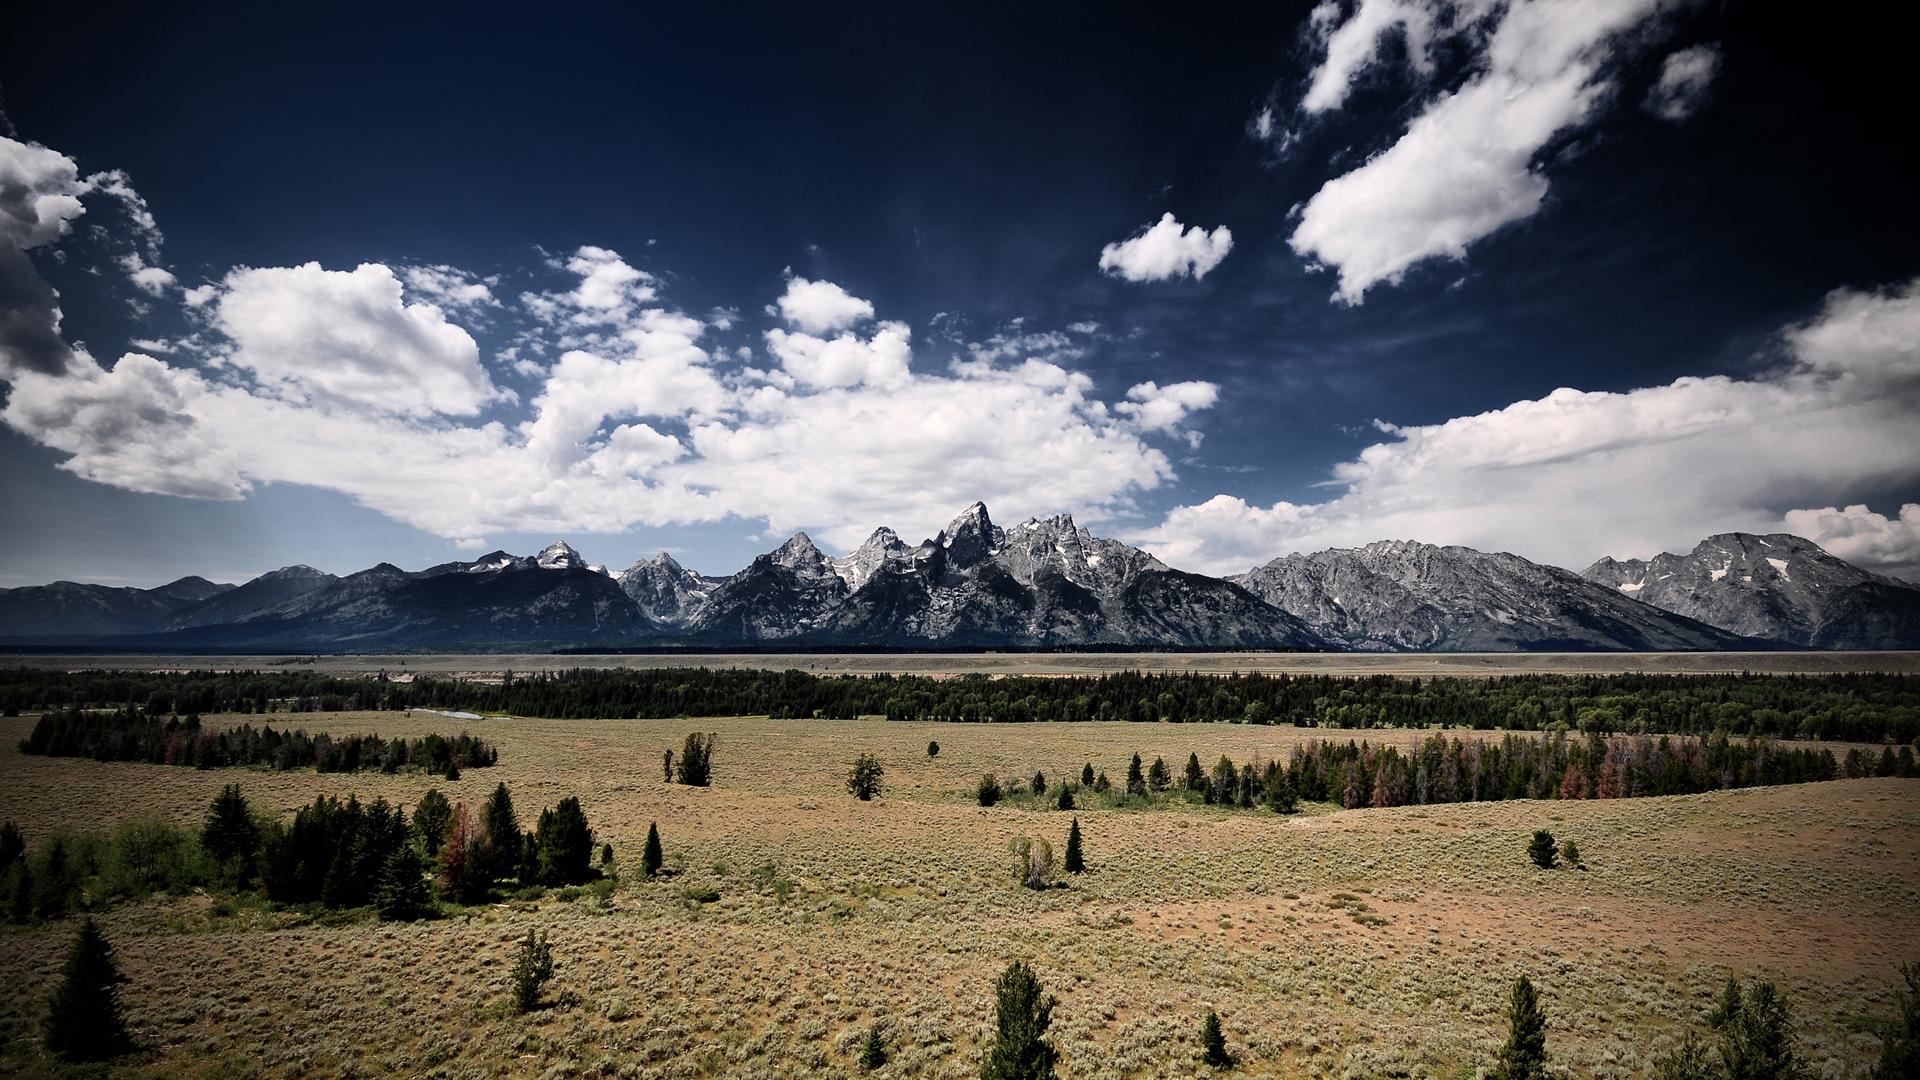 Views: 1100 Stunning Plains Wallpaper 14895